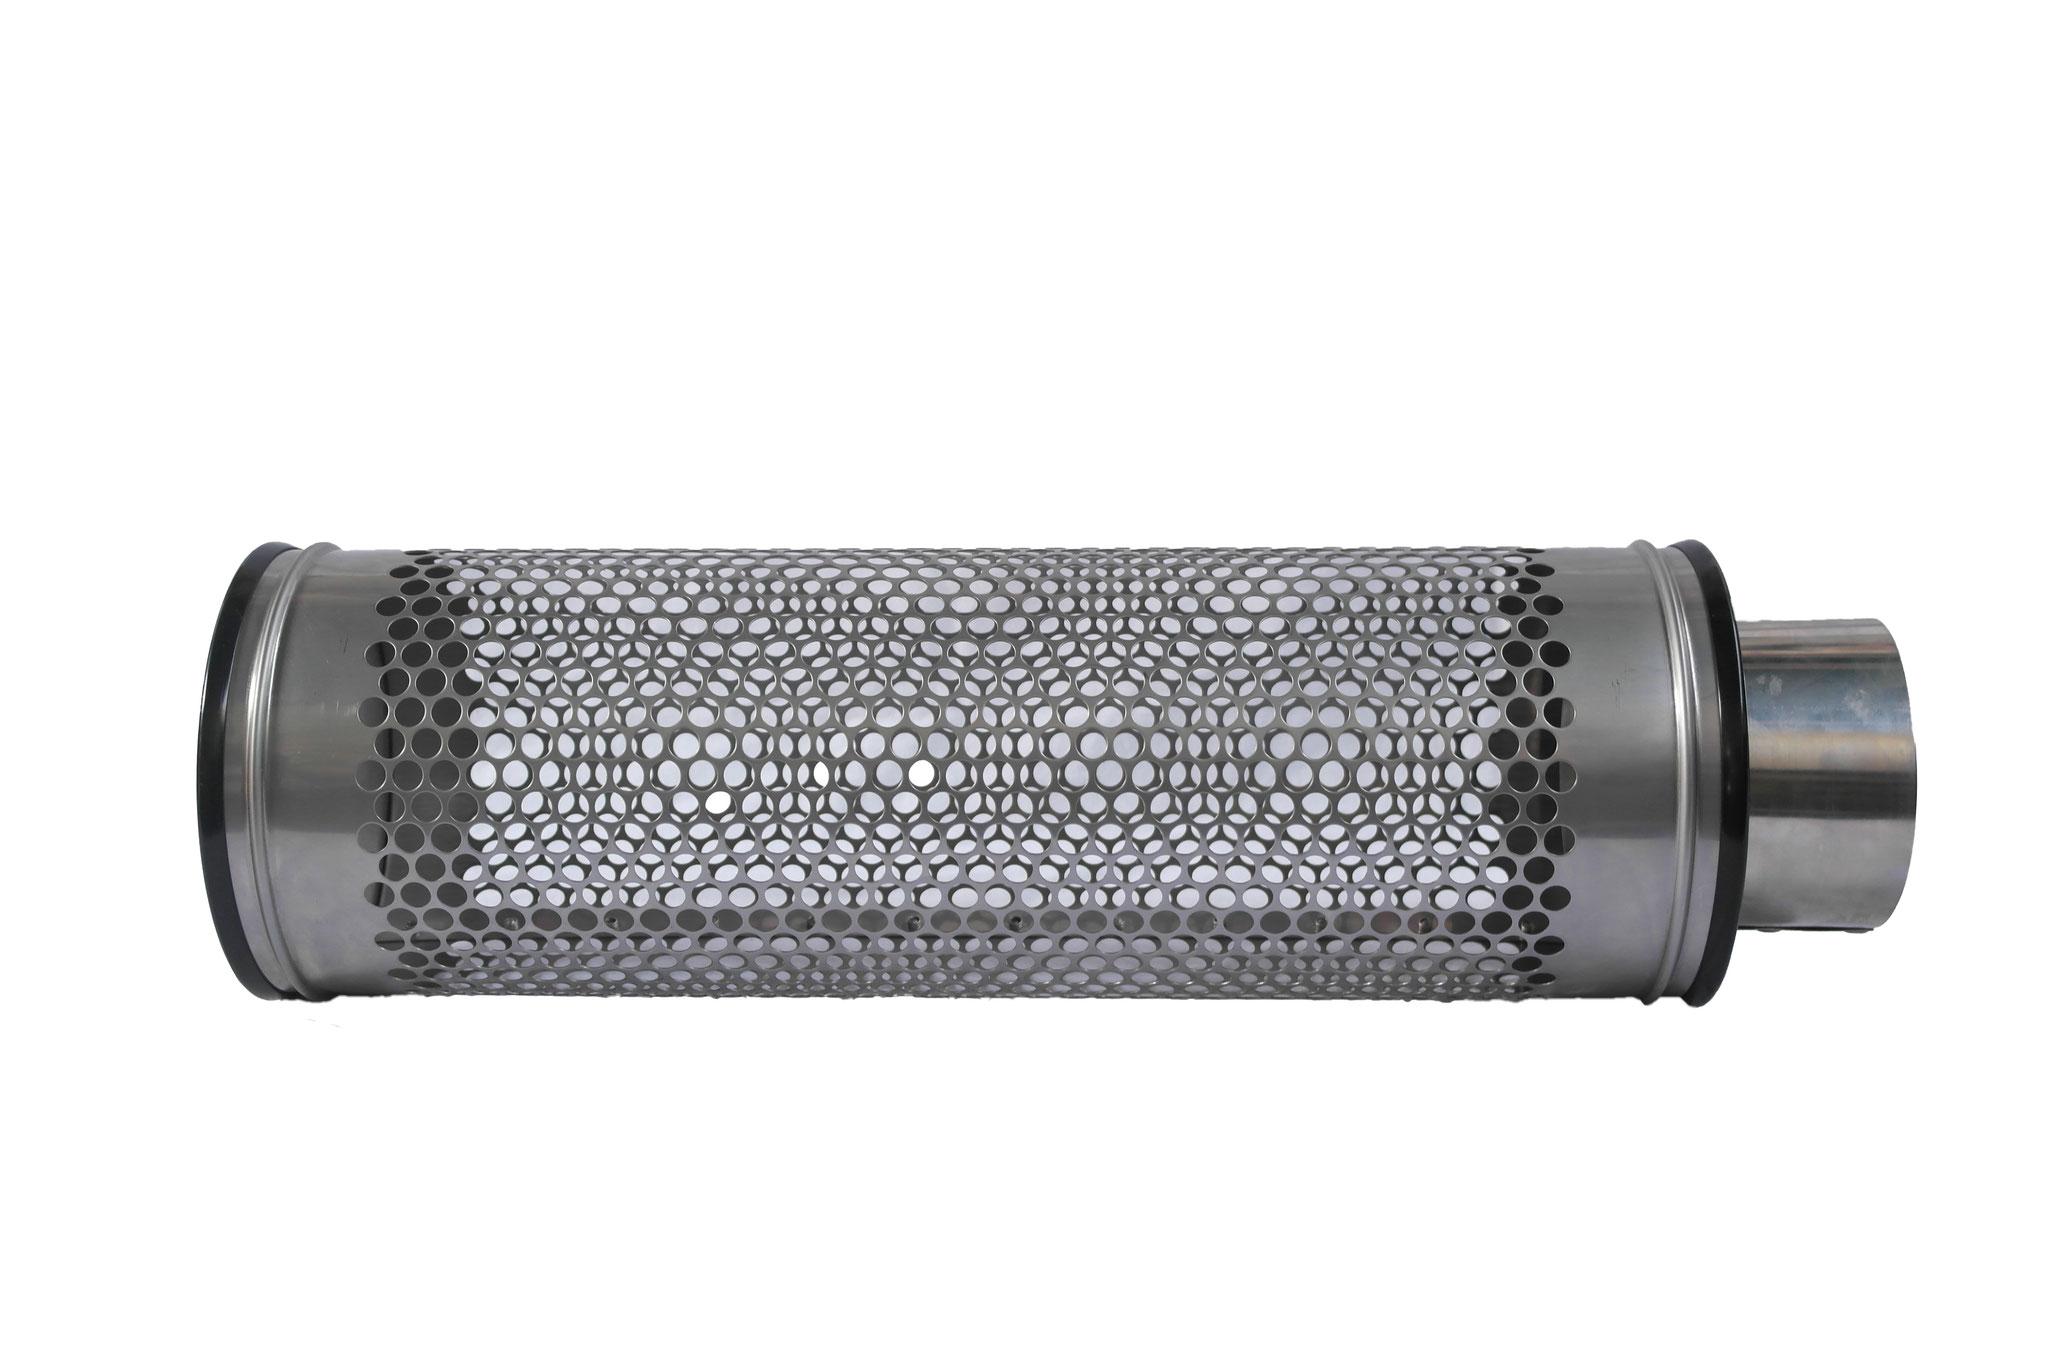 Siebrohr für 110 KG Rohr (DN 100) Reduziert von 200er Siebrohr einseitig verschlossen